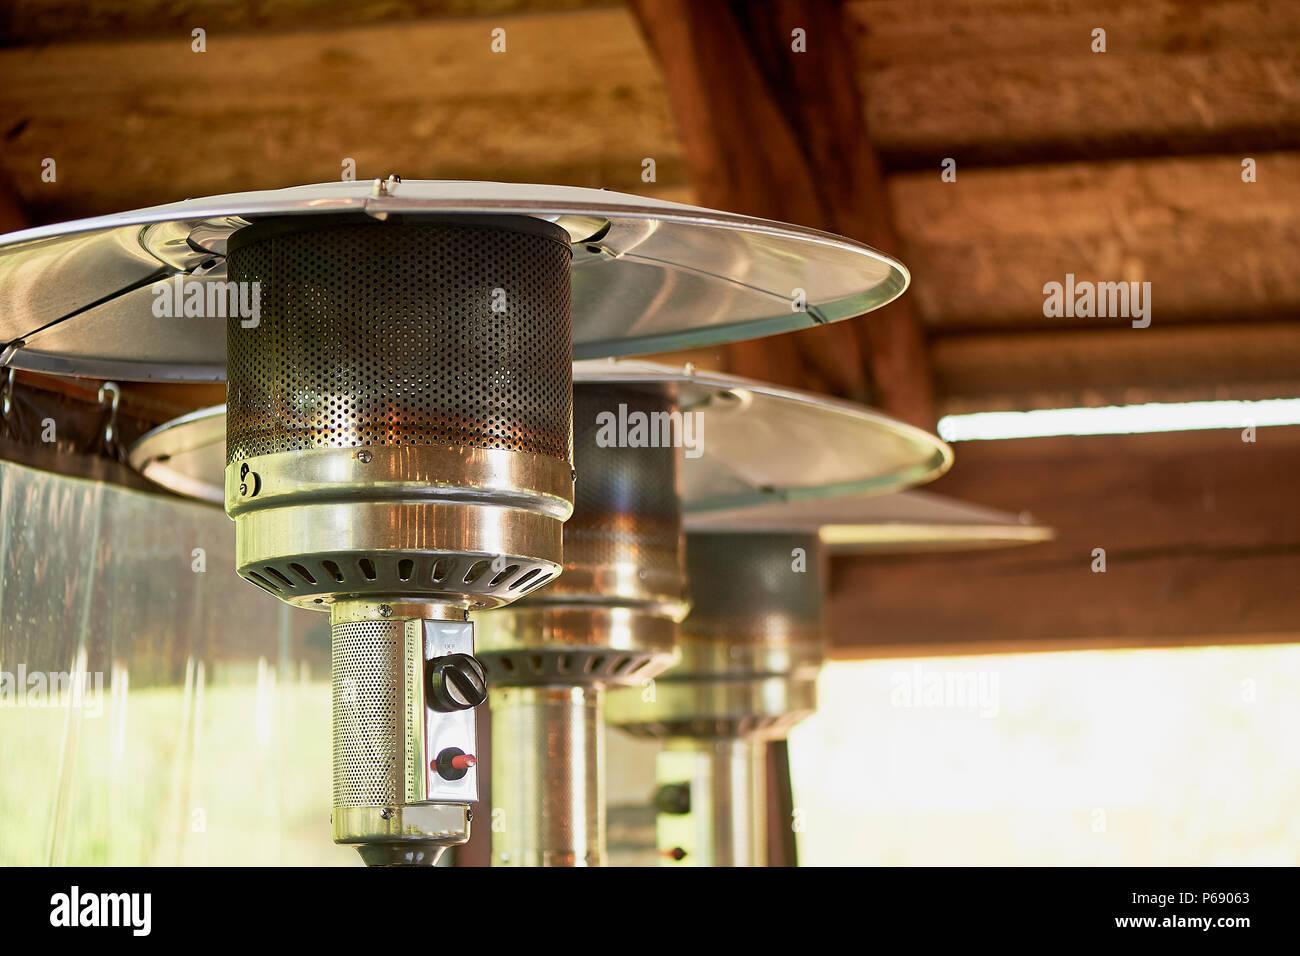 Lampe De La Chaleur Pour Le Chauffage De La Terrasse D Un Cafe Ou